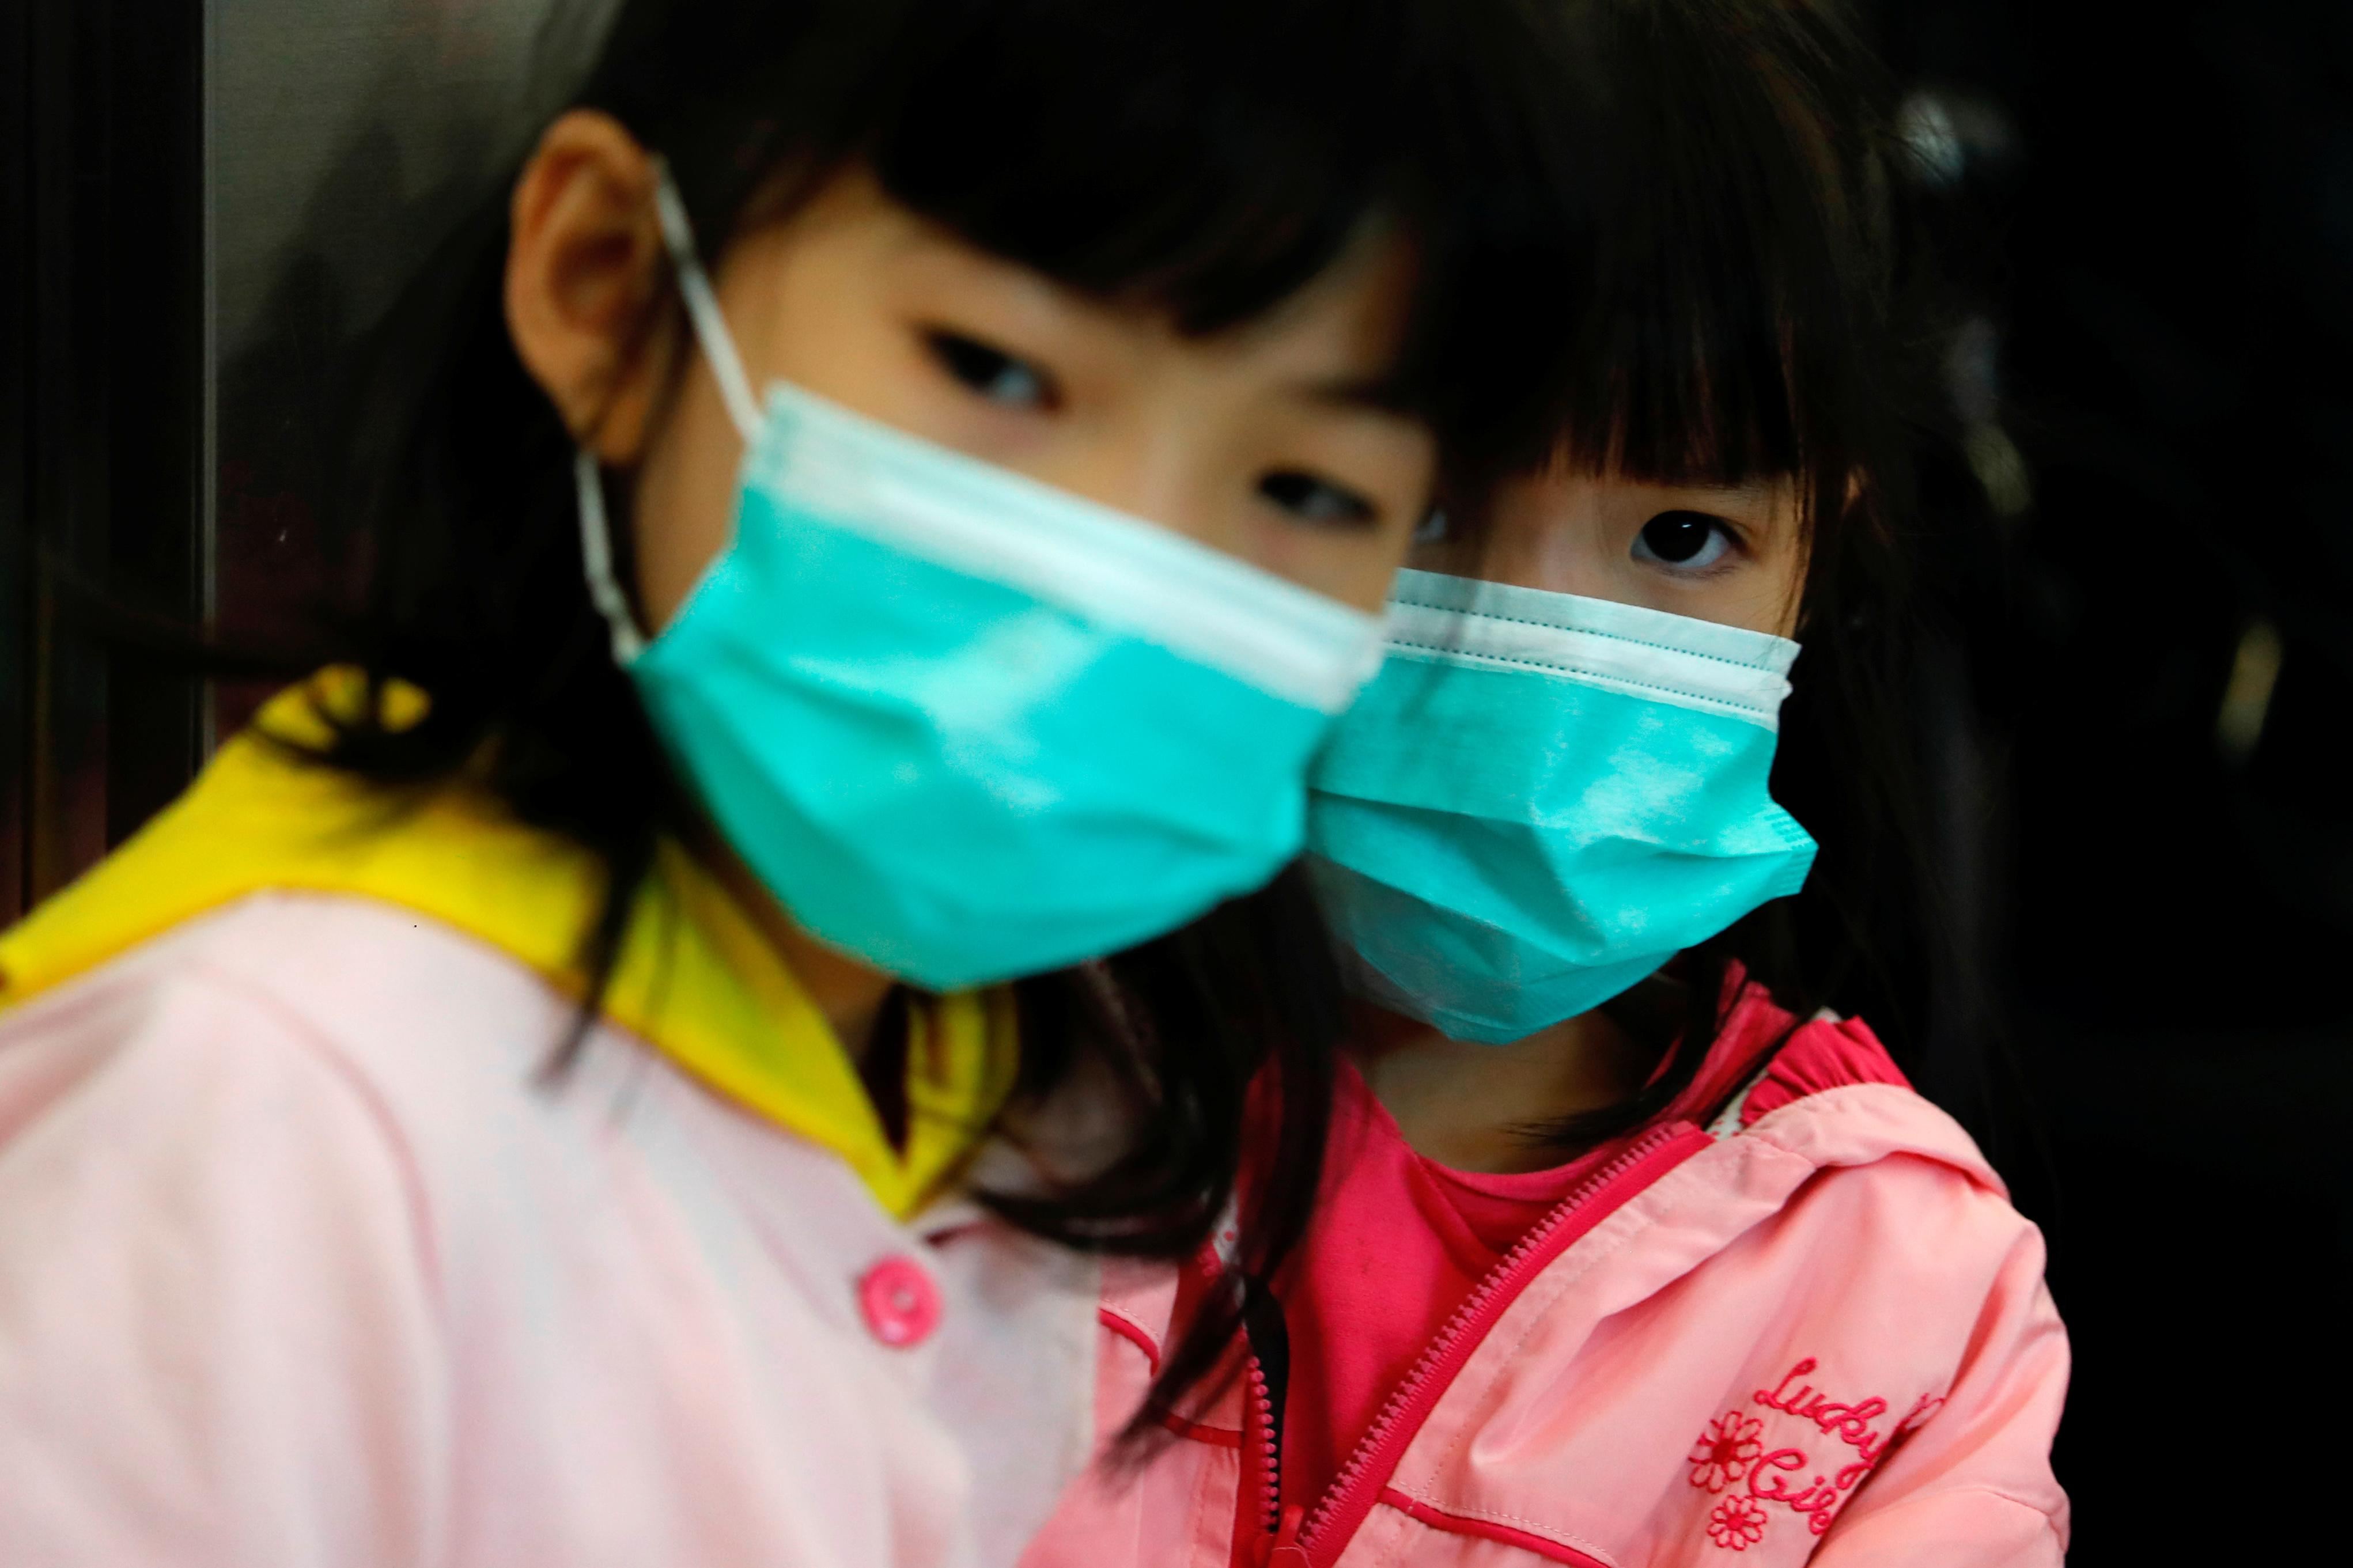 Coronavirus is not a 'global health emergency'